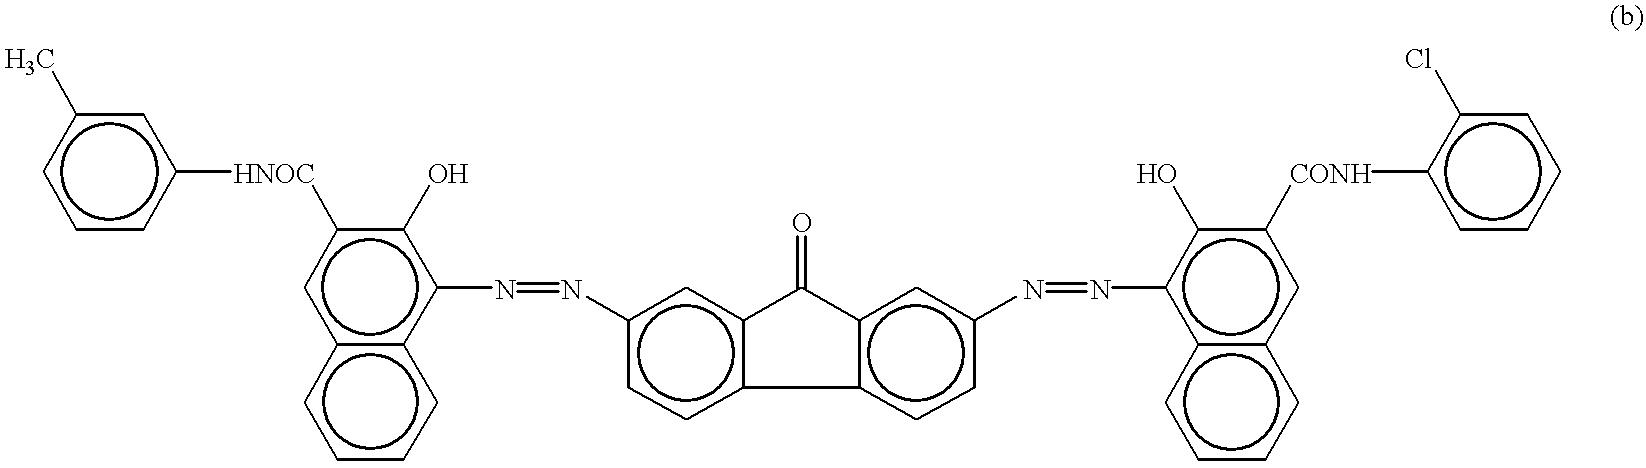 Figure US06548216-20030415-C00022